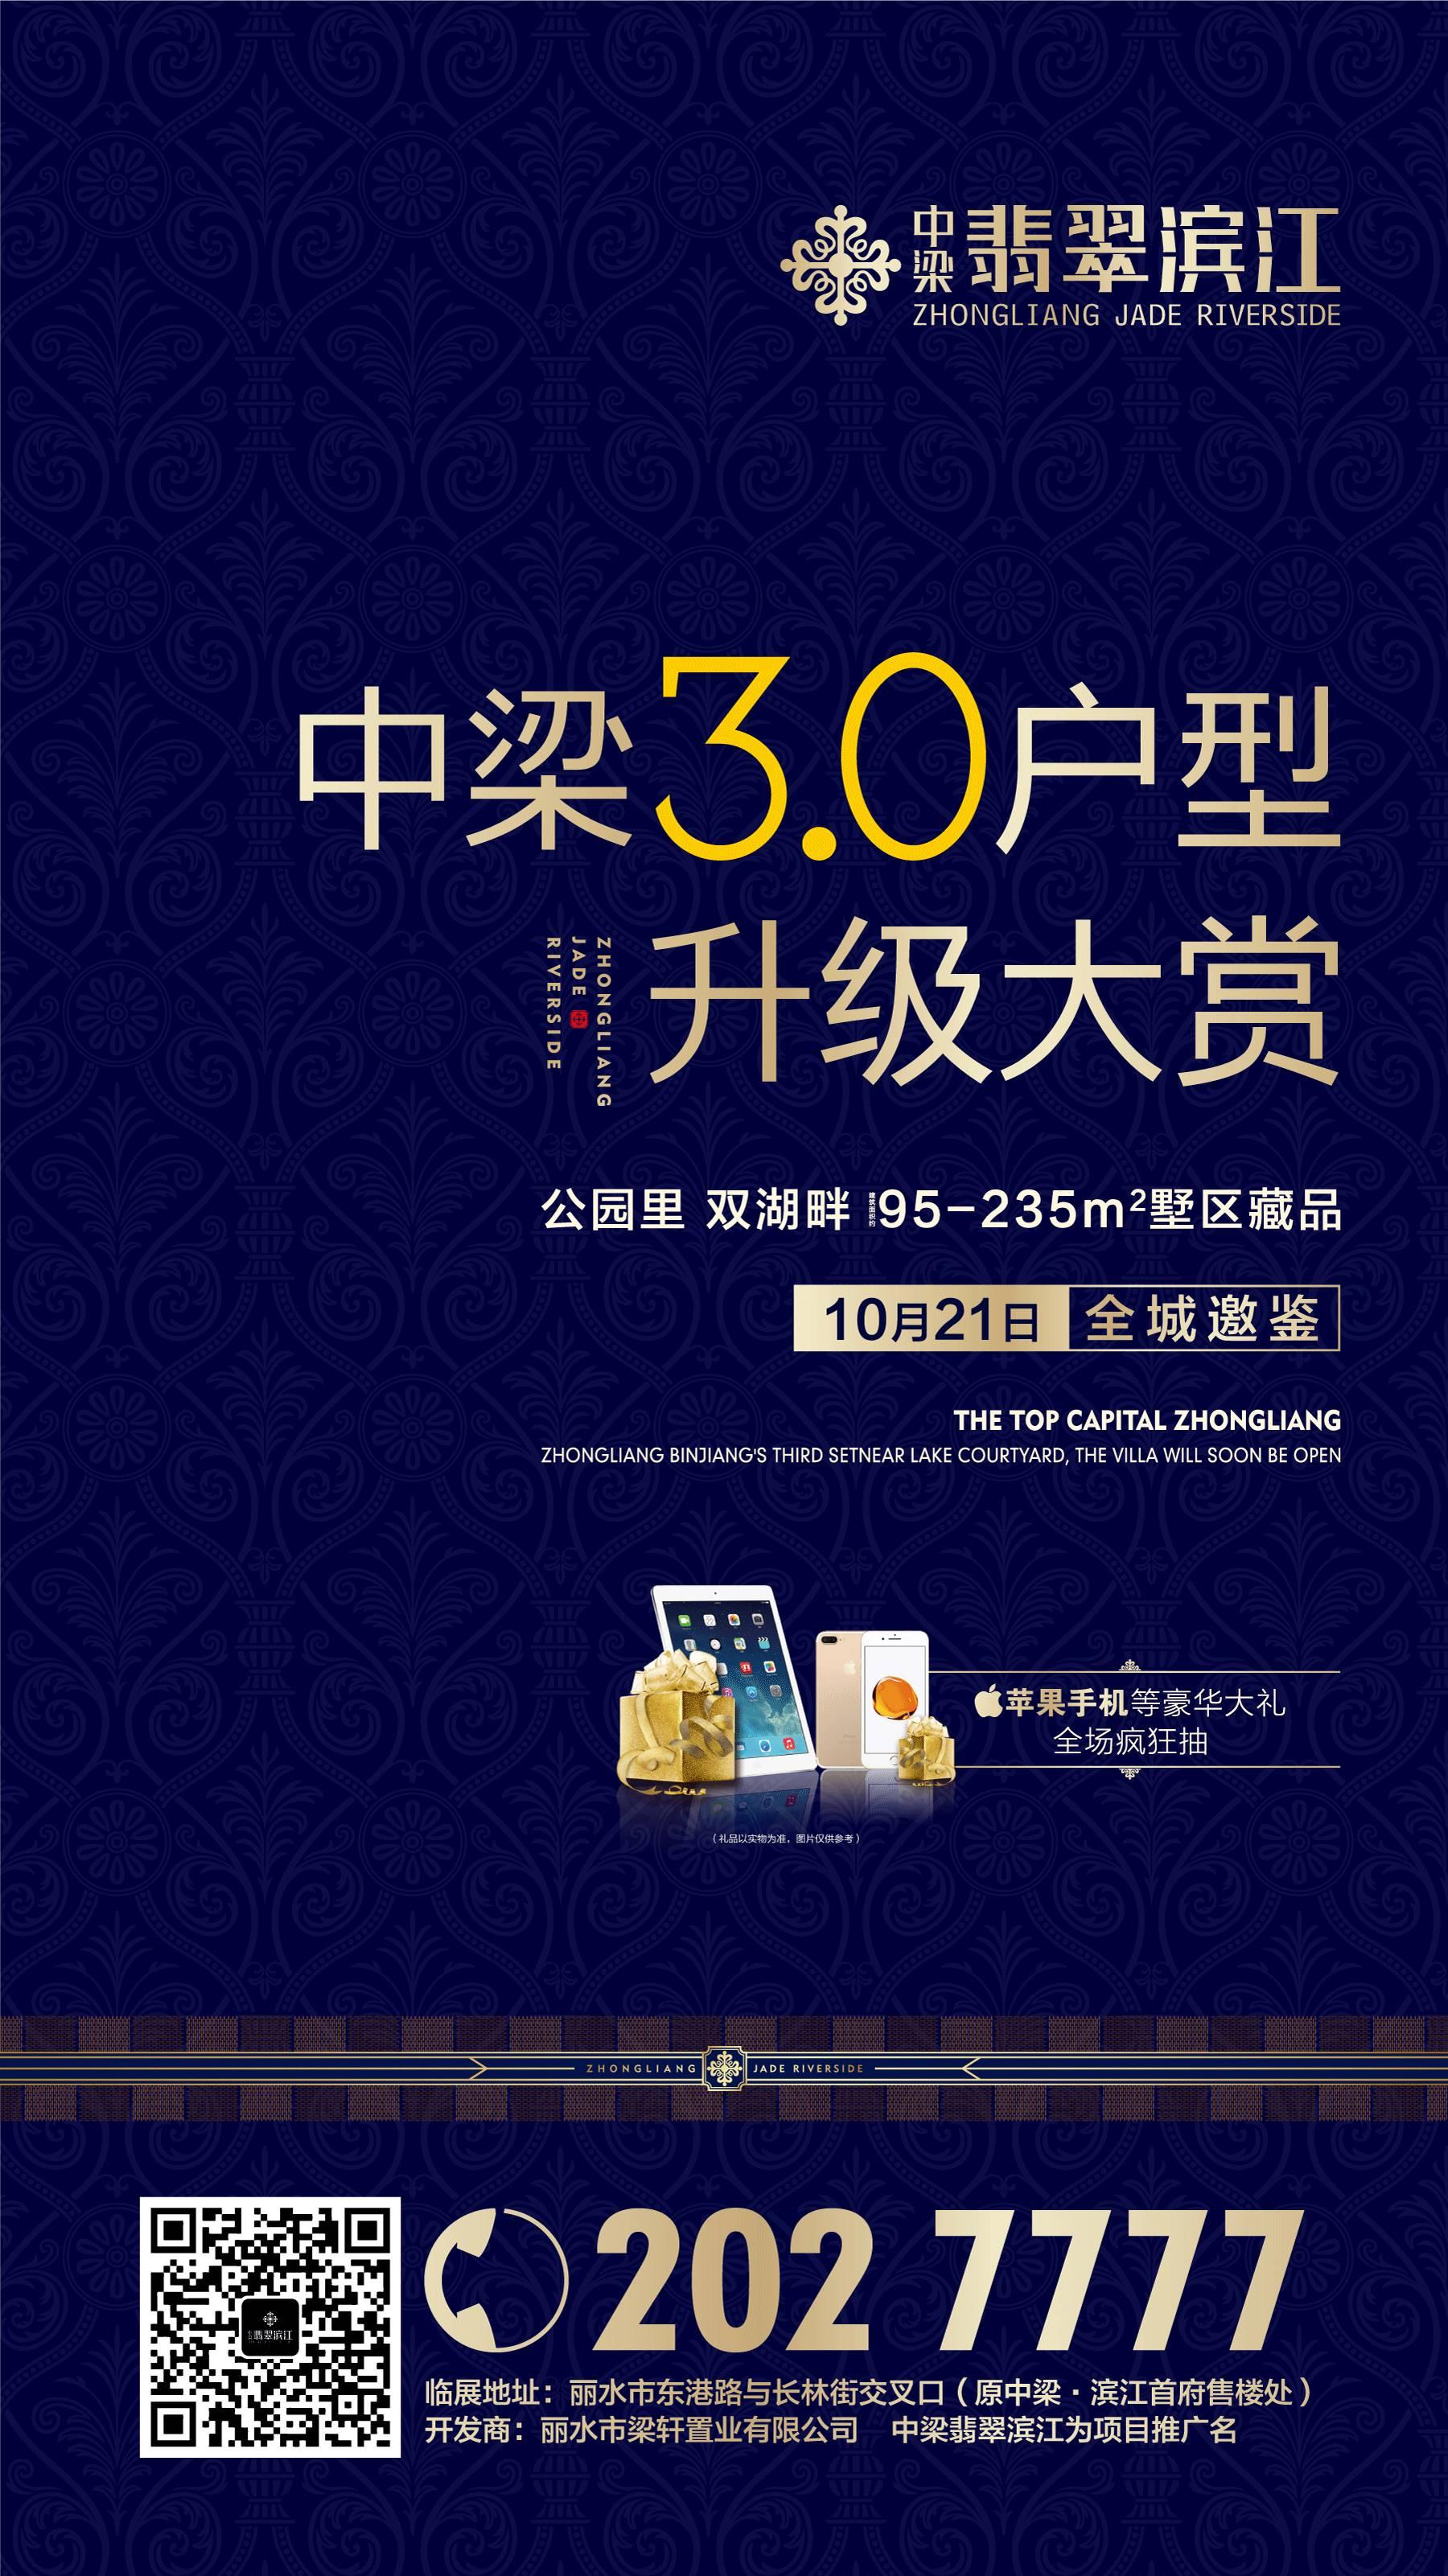 10月21日,中梁3.0户型升级大赏,全城邀鉴